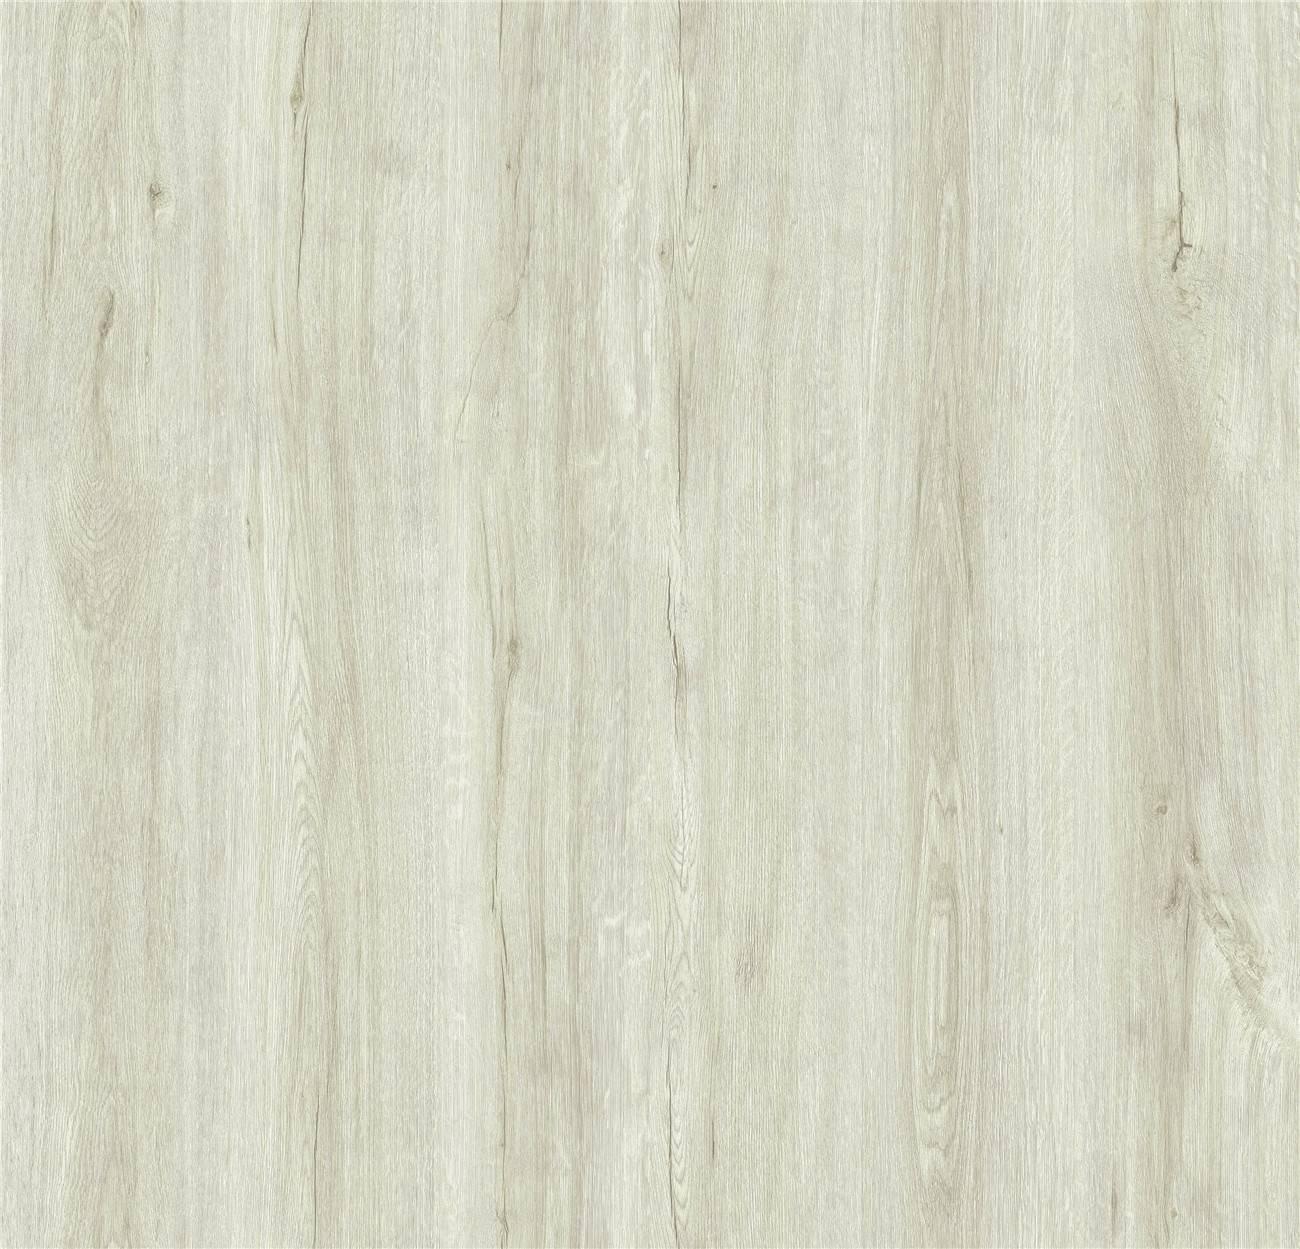 ID-7030-1 European Rift Oak